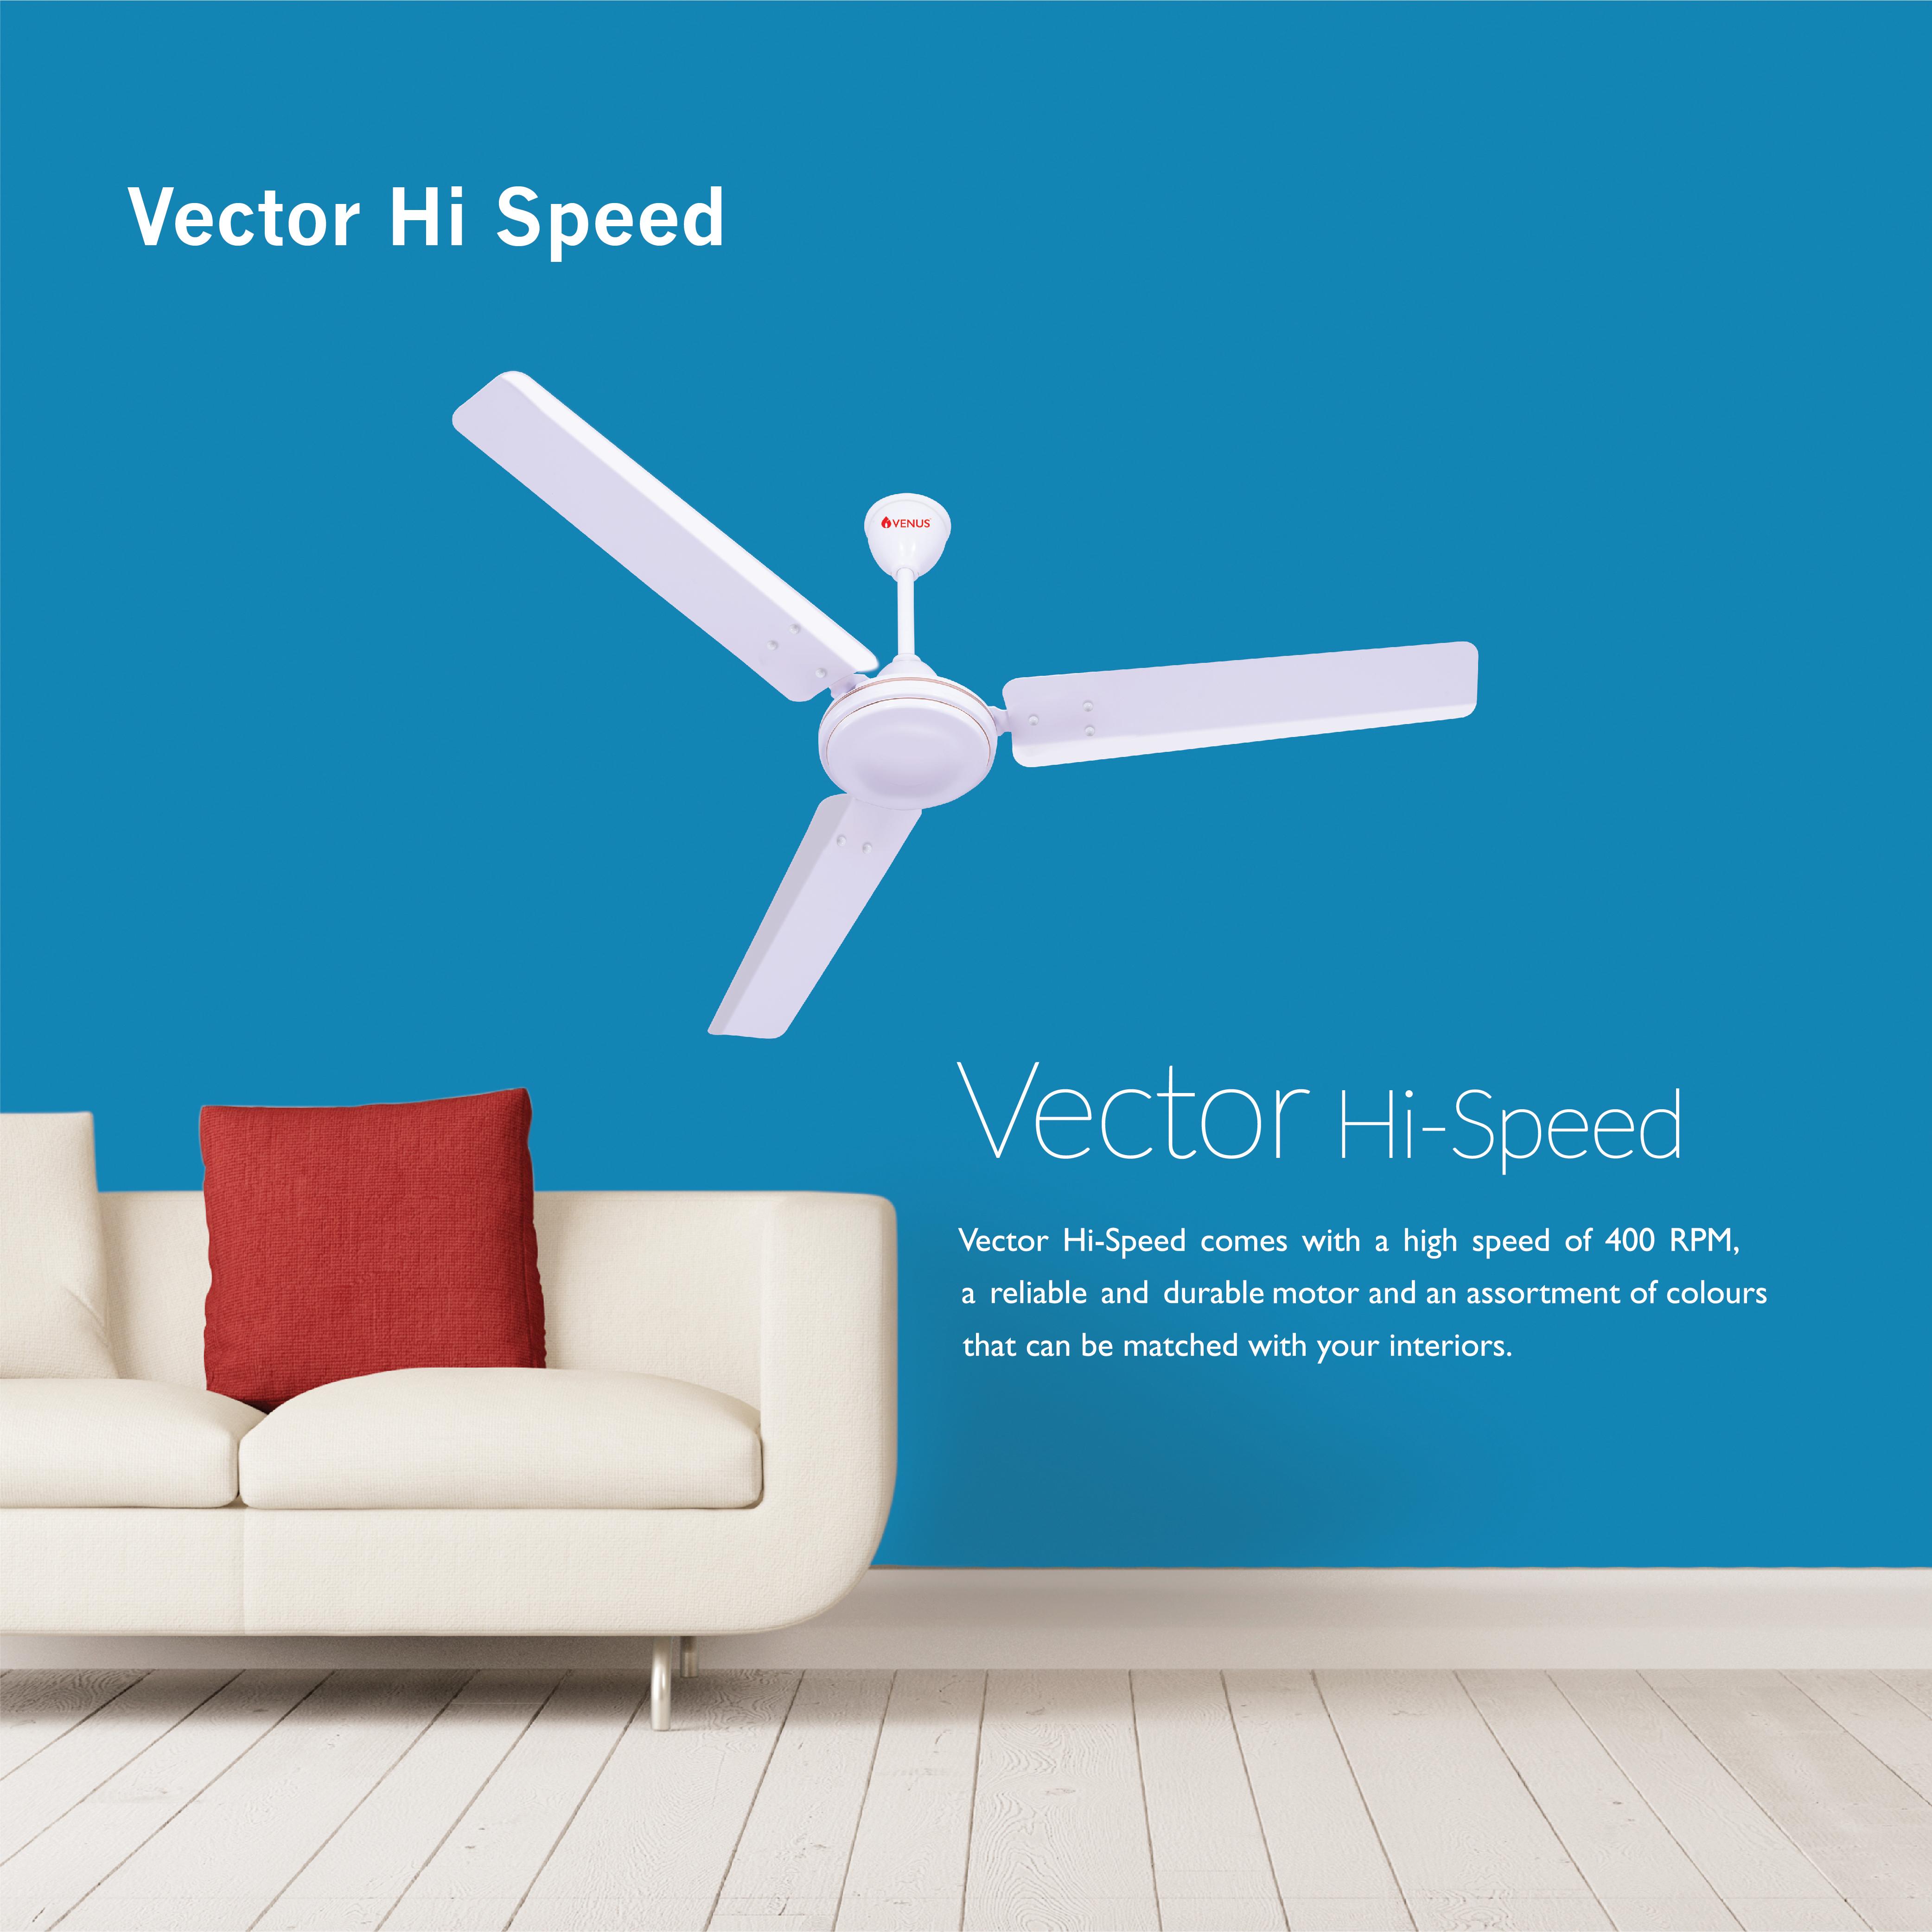 Vector-Hi-speed